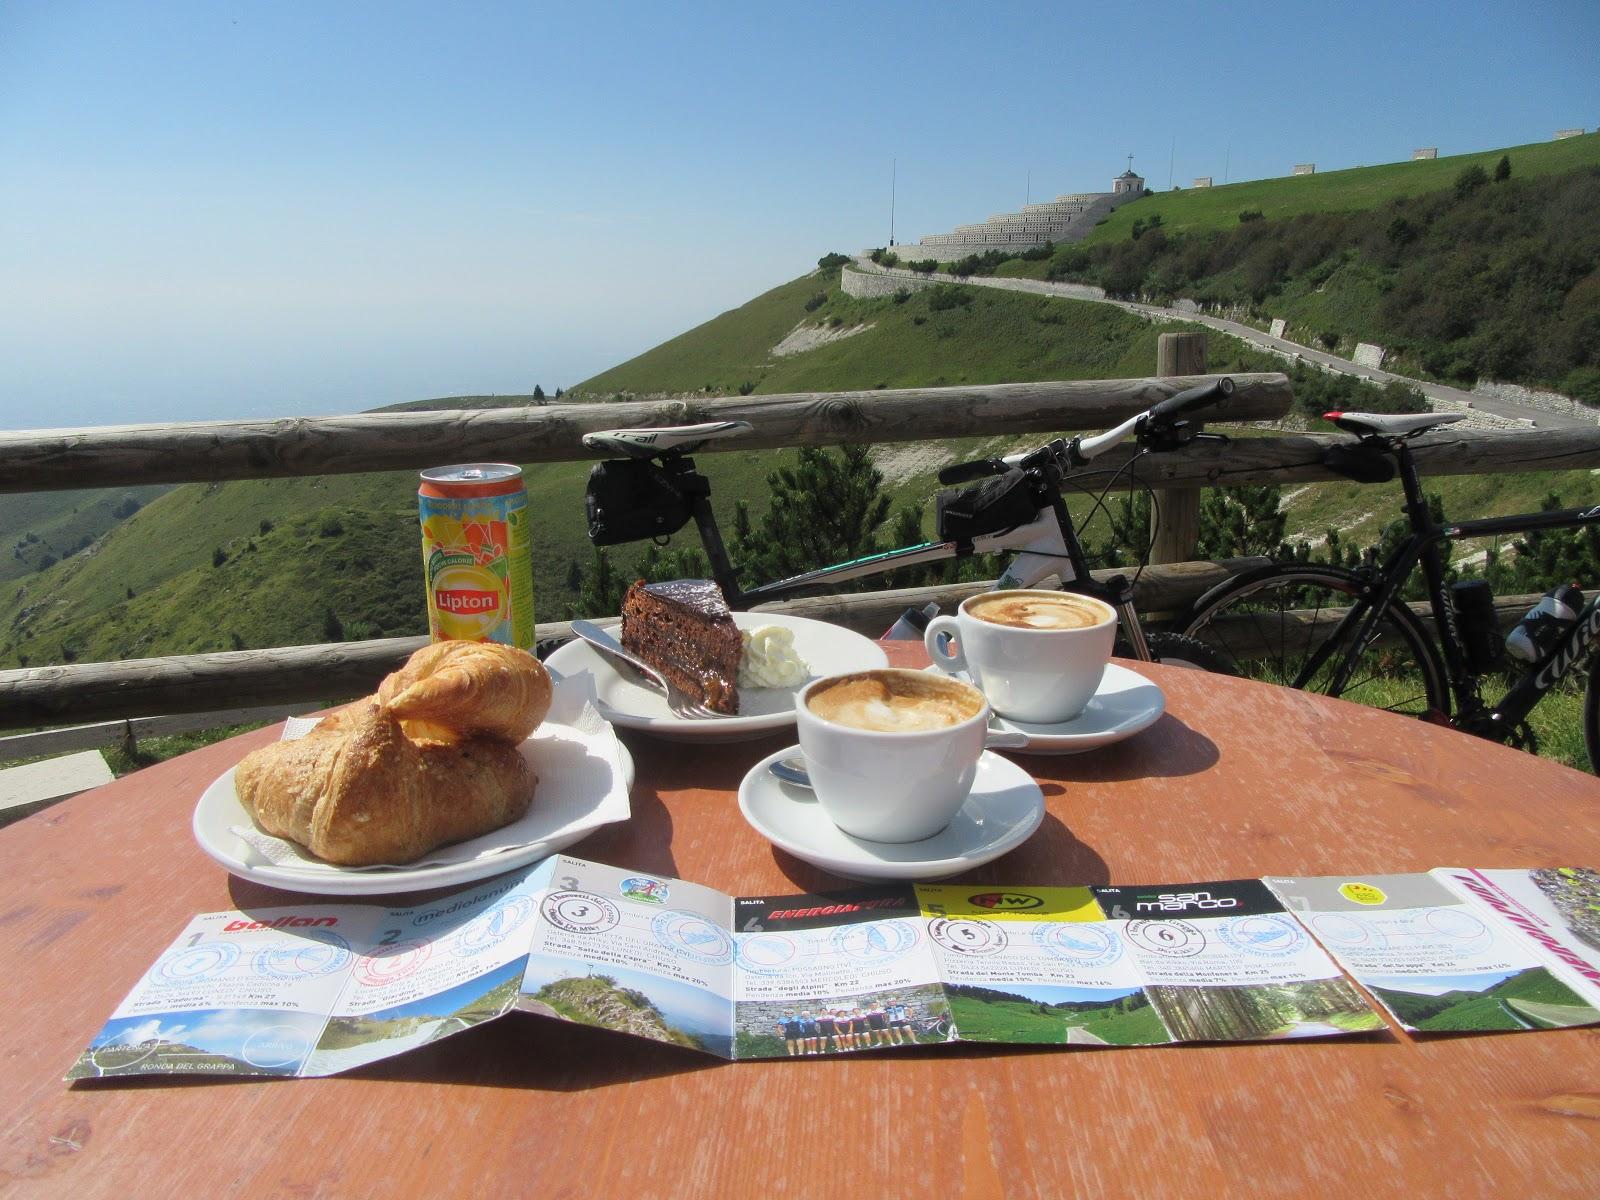 Monte Grappa from Crespano - bike climb - pastries and cappuccino at rifugio